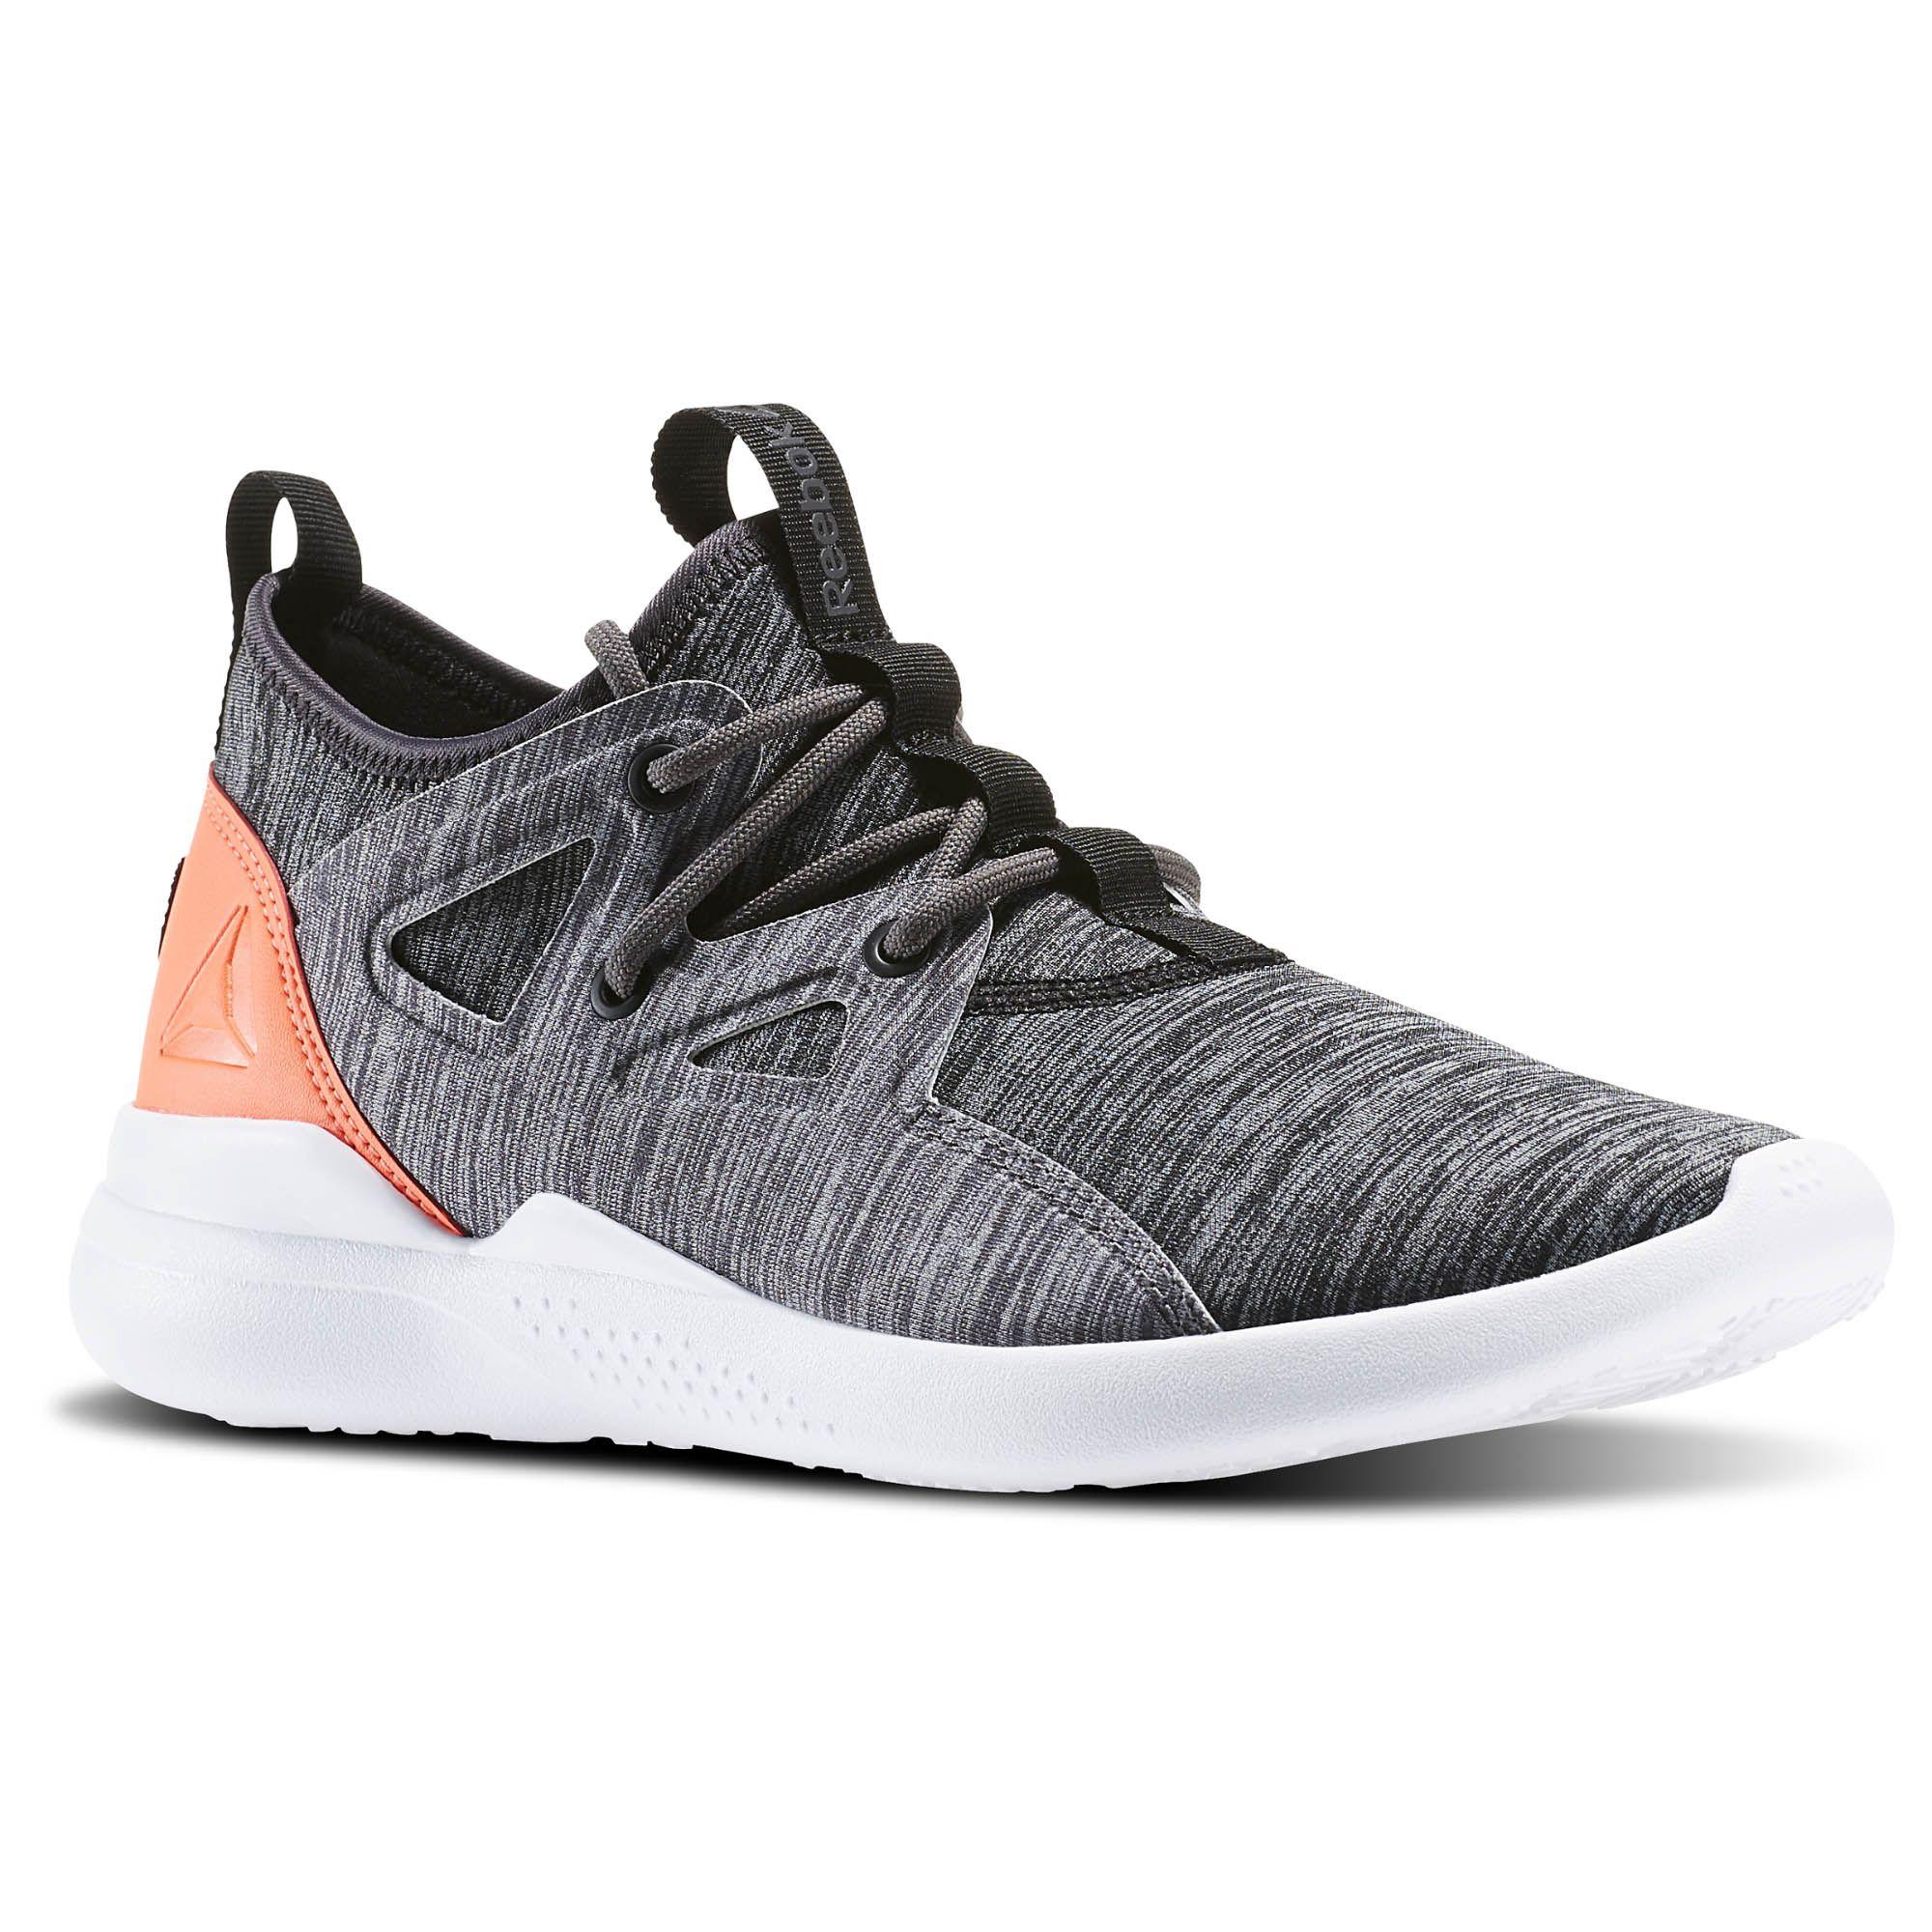 Sneakers, Reebok, Sneakers Nike